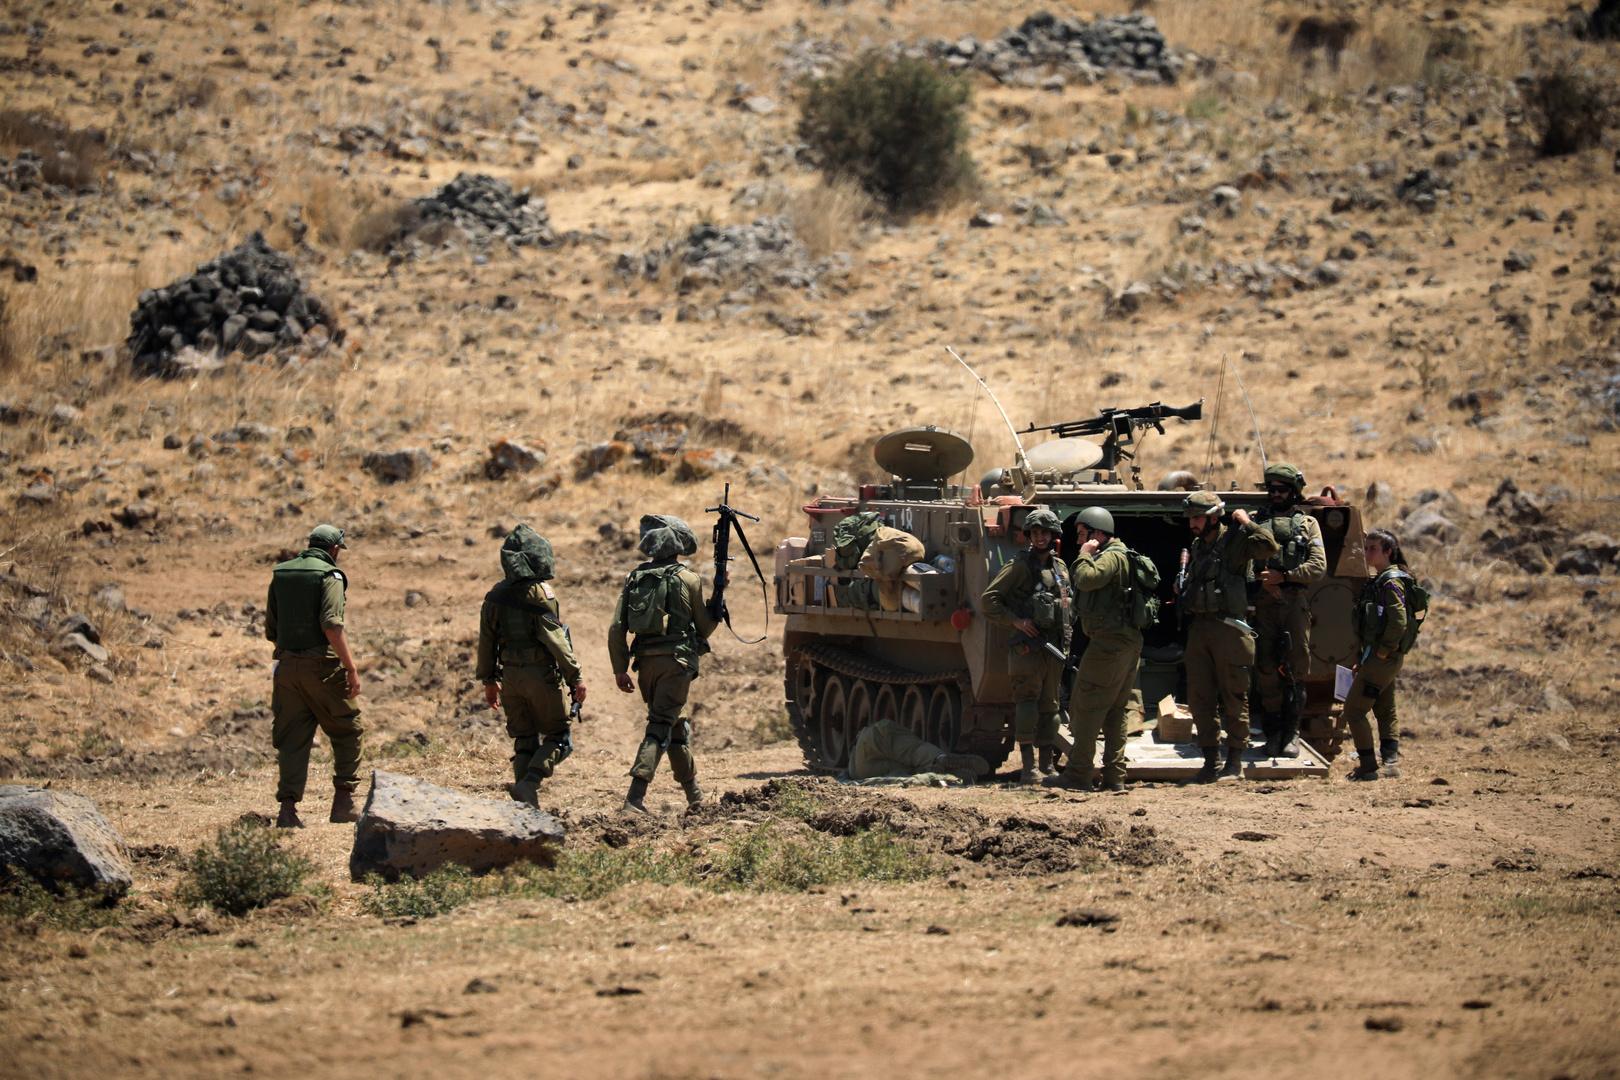 الجيش الإسرائيلي يعلن تنفيذ مداهمات ضد التحصينات السورية في هضبة الجولان